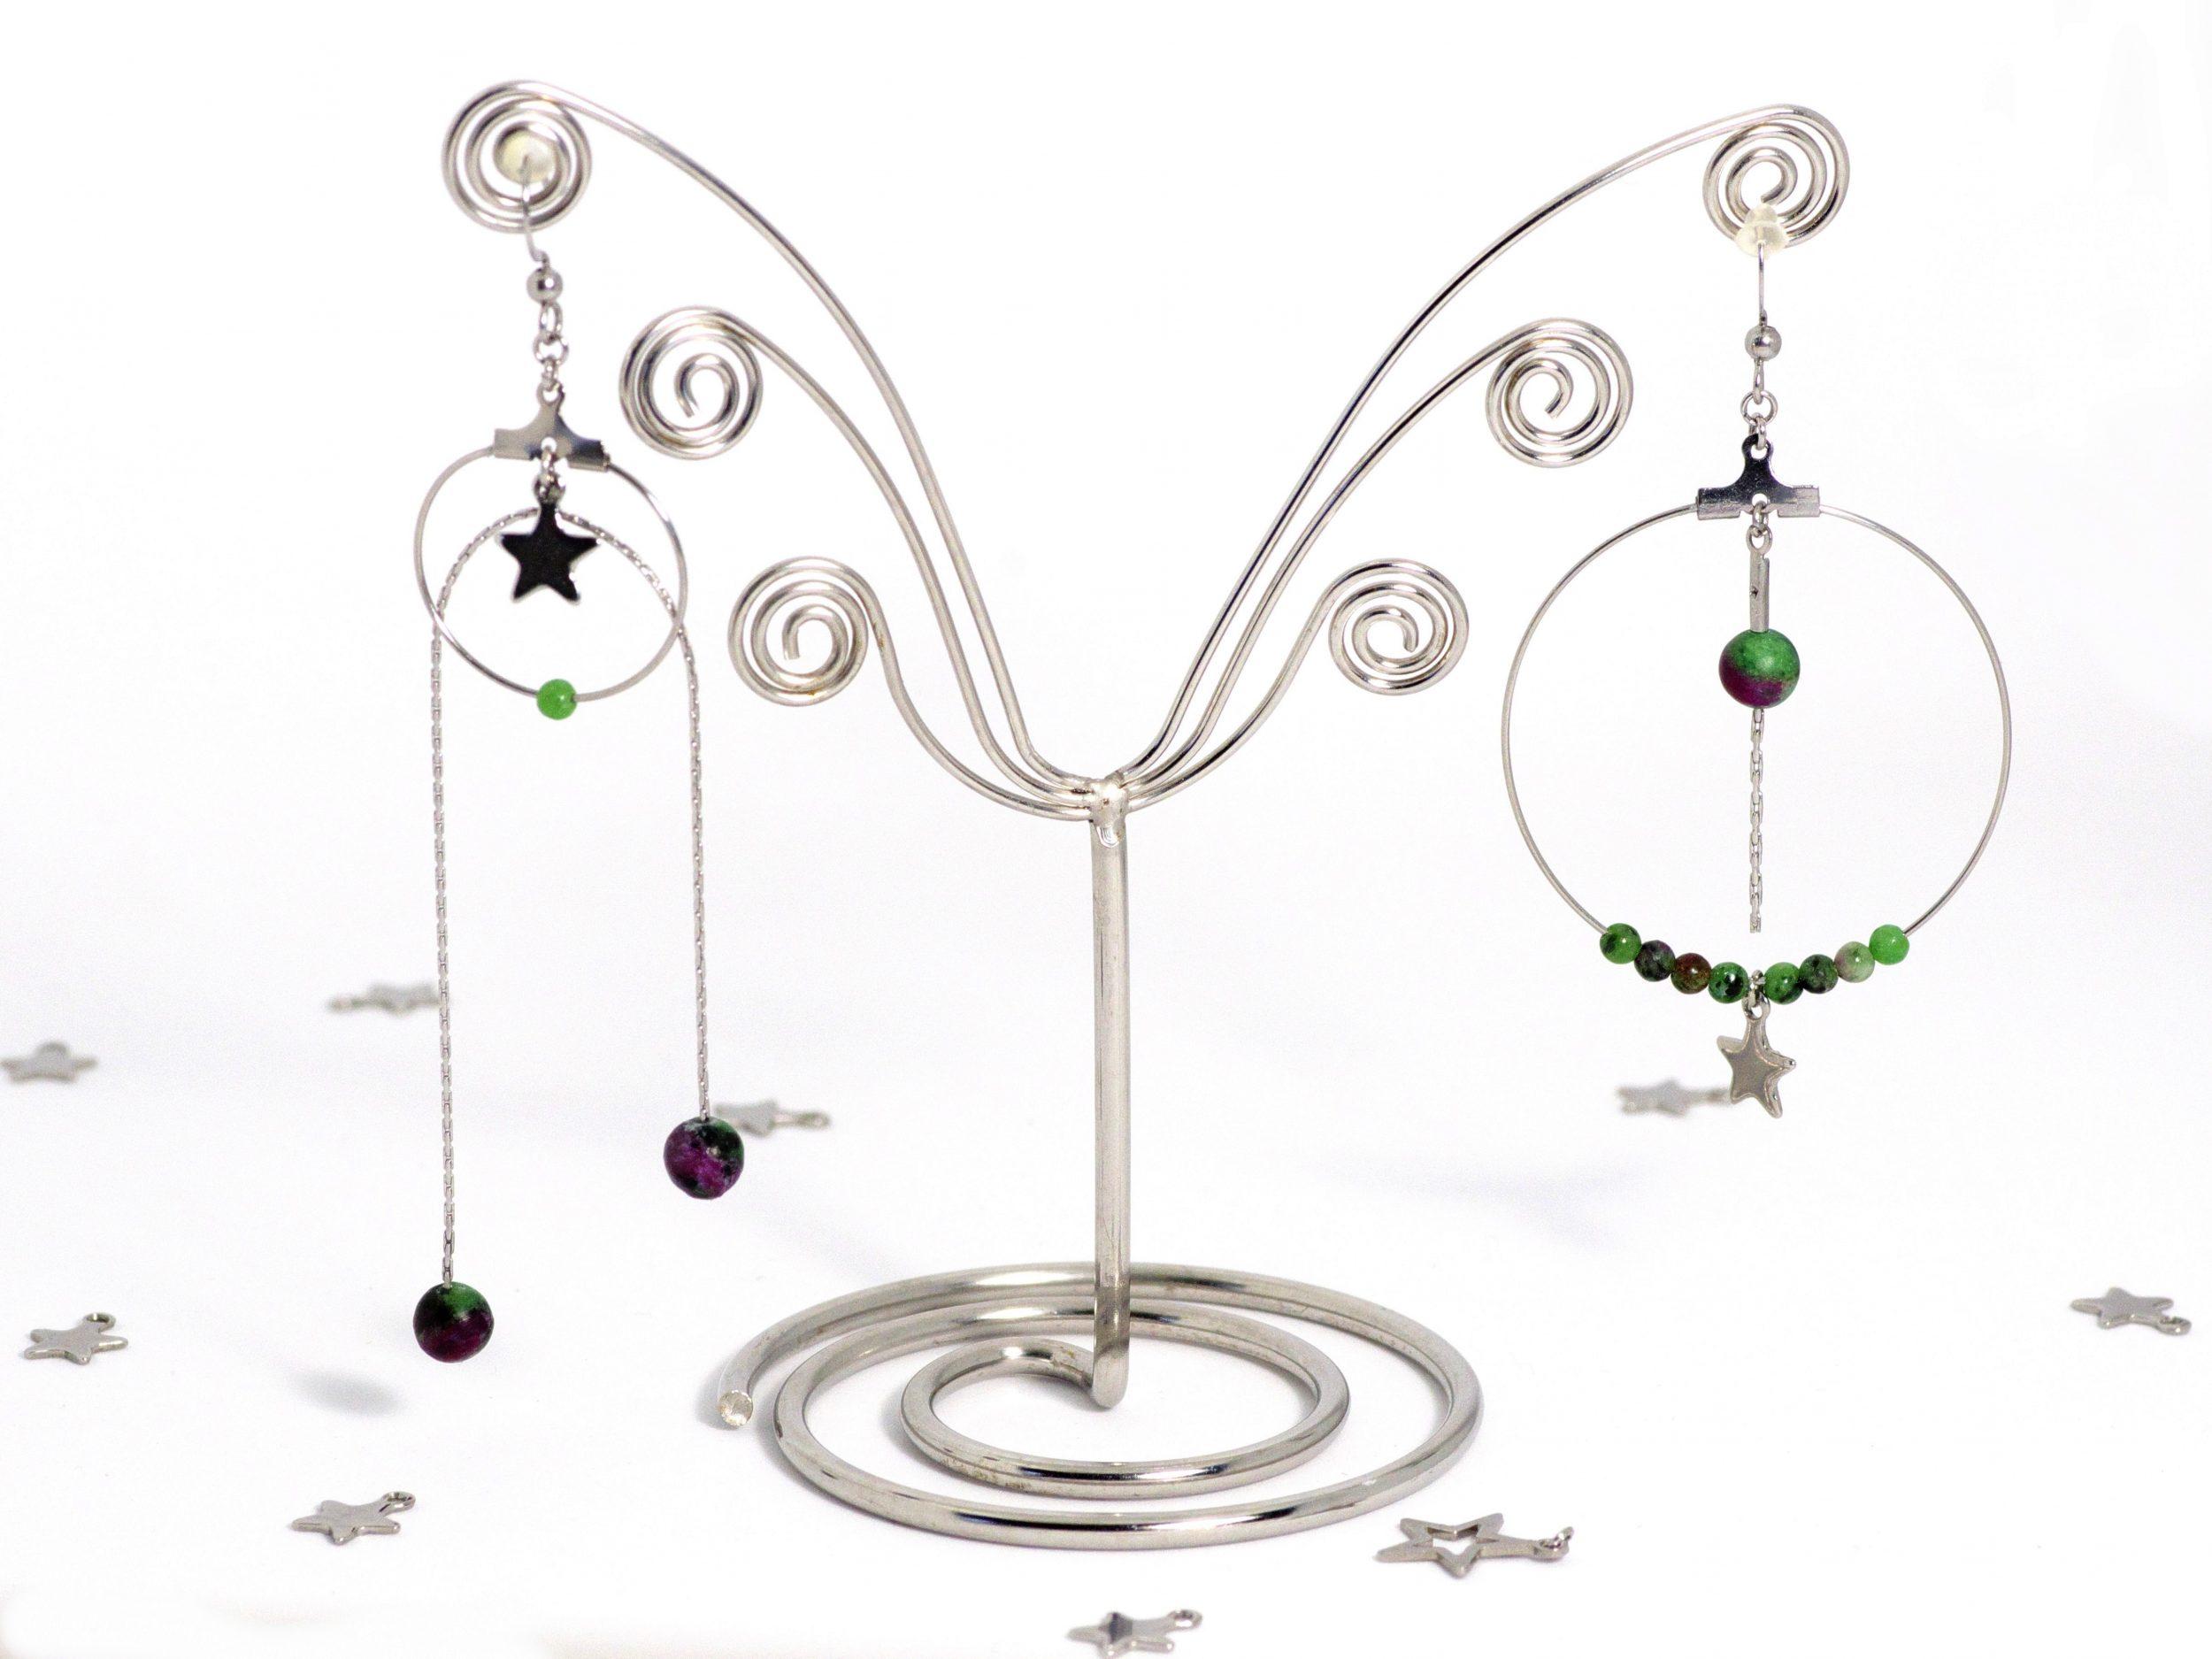 boucles d'oreilles asymétriques composées d'anneaux de différentes tailles , chaîne formant un arc de cercle et perles rondes vertes veinées de rouge, et petites étoiles argentées.